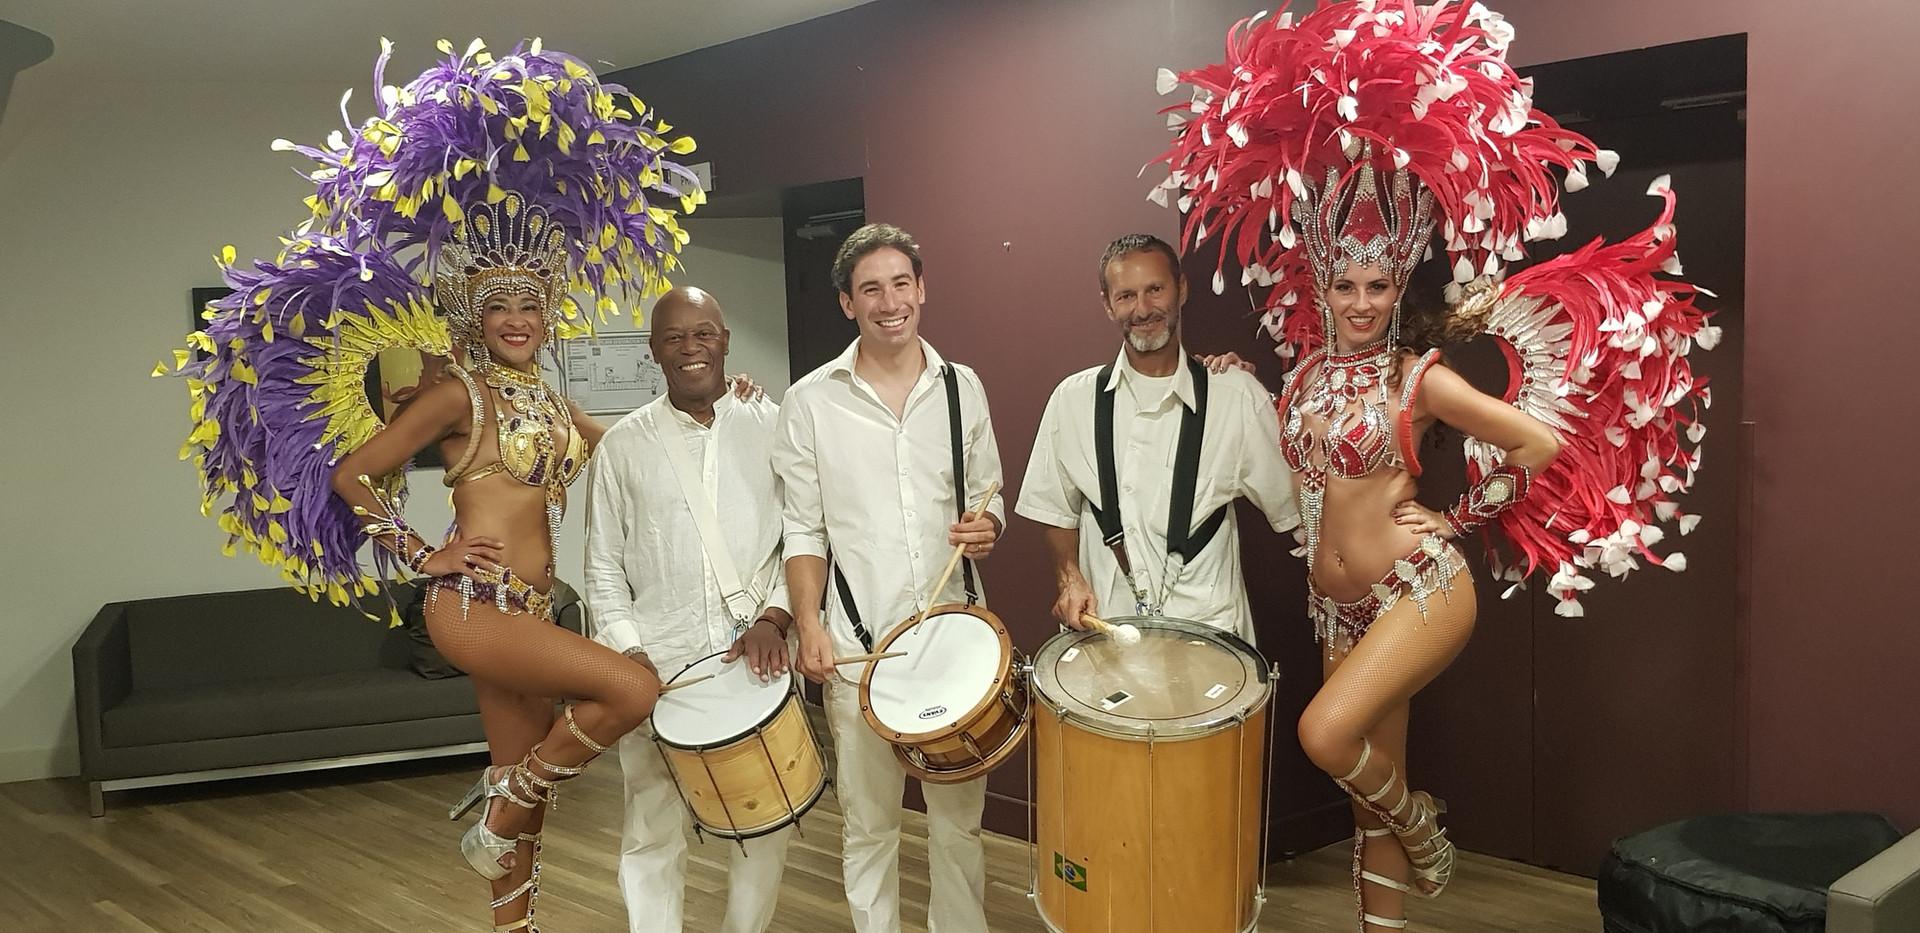 musiciens et danseuses samba .jpg